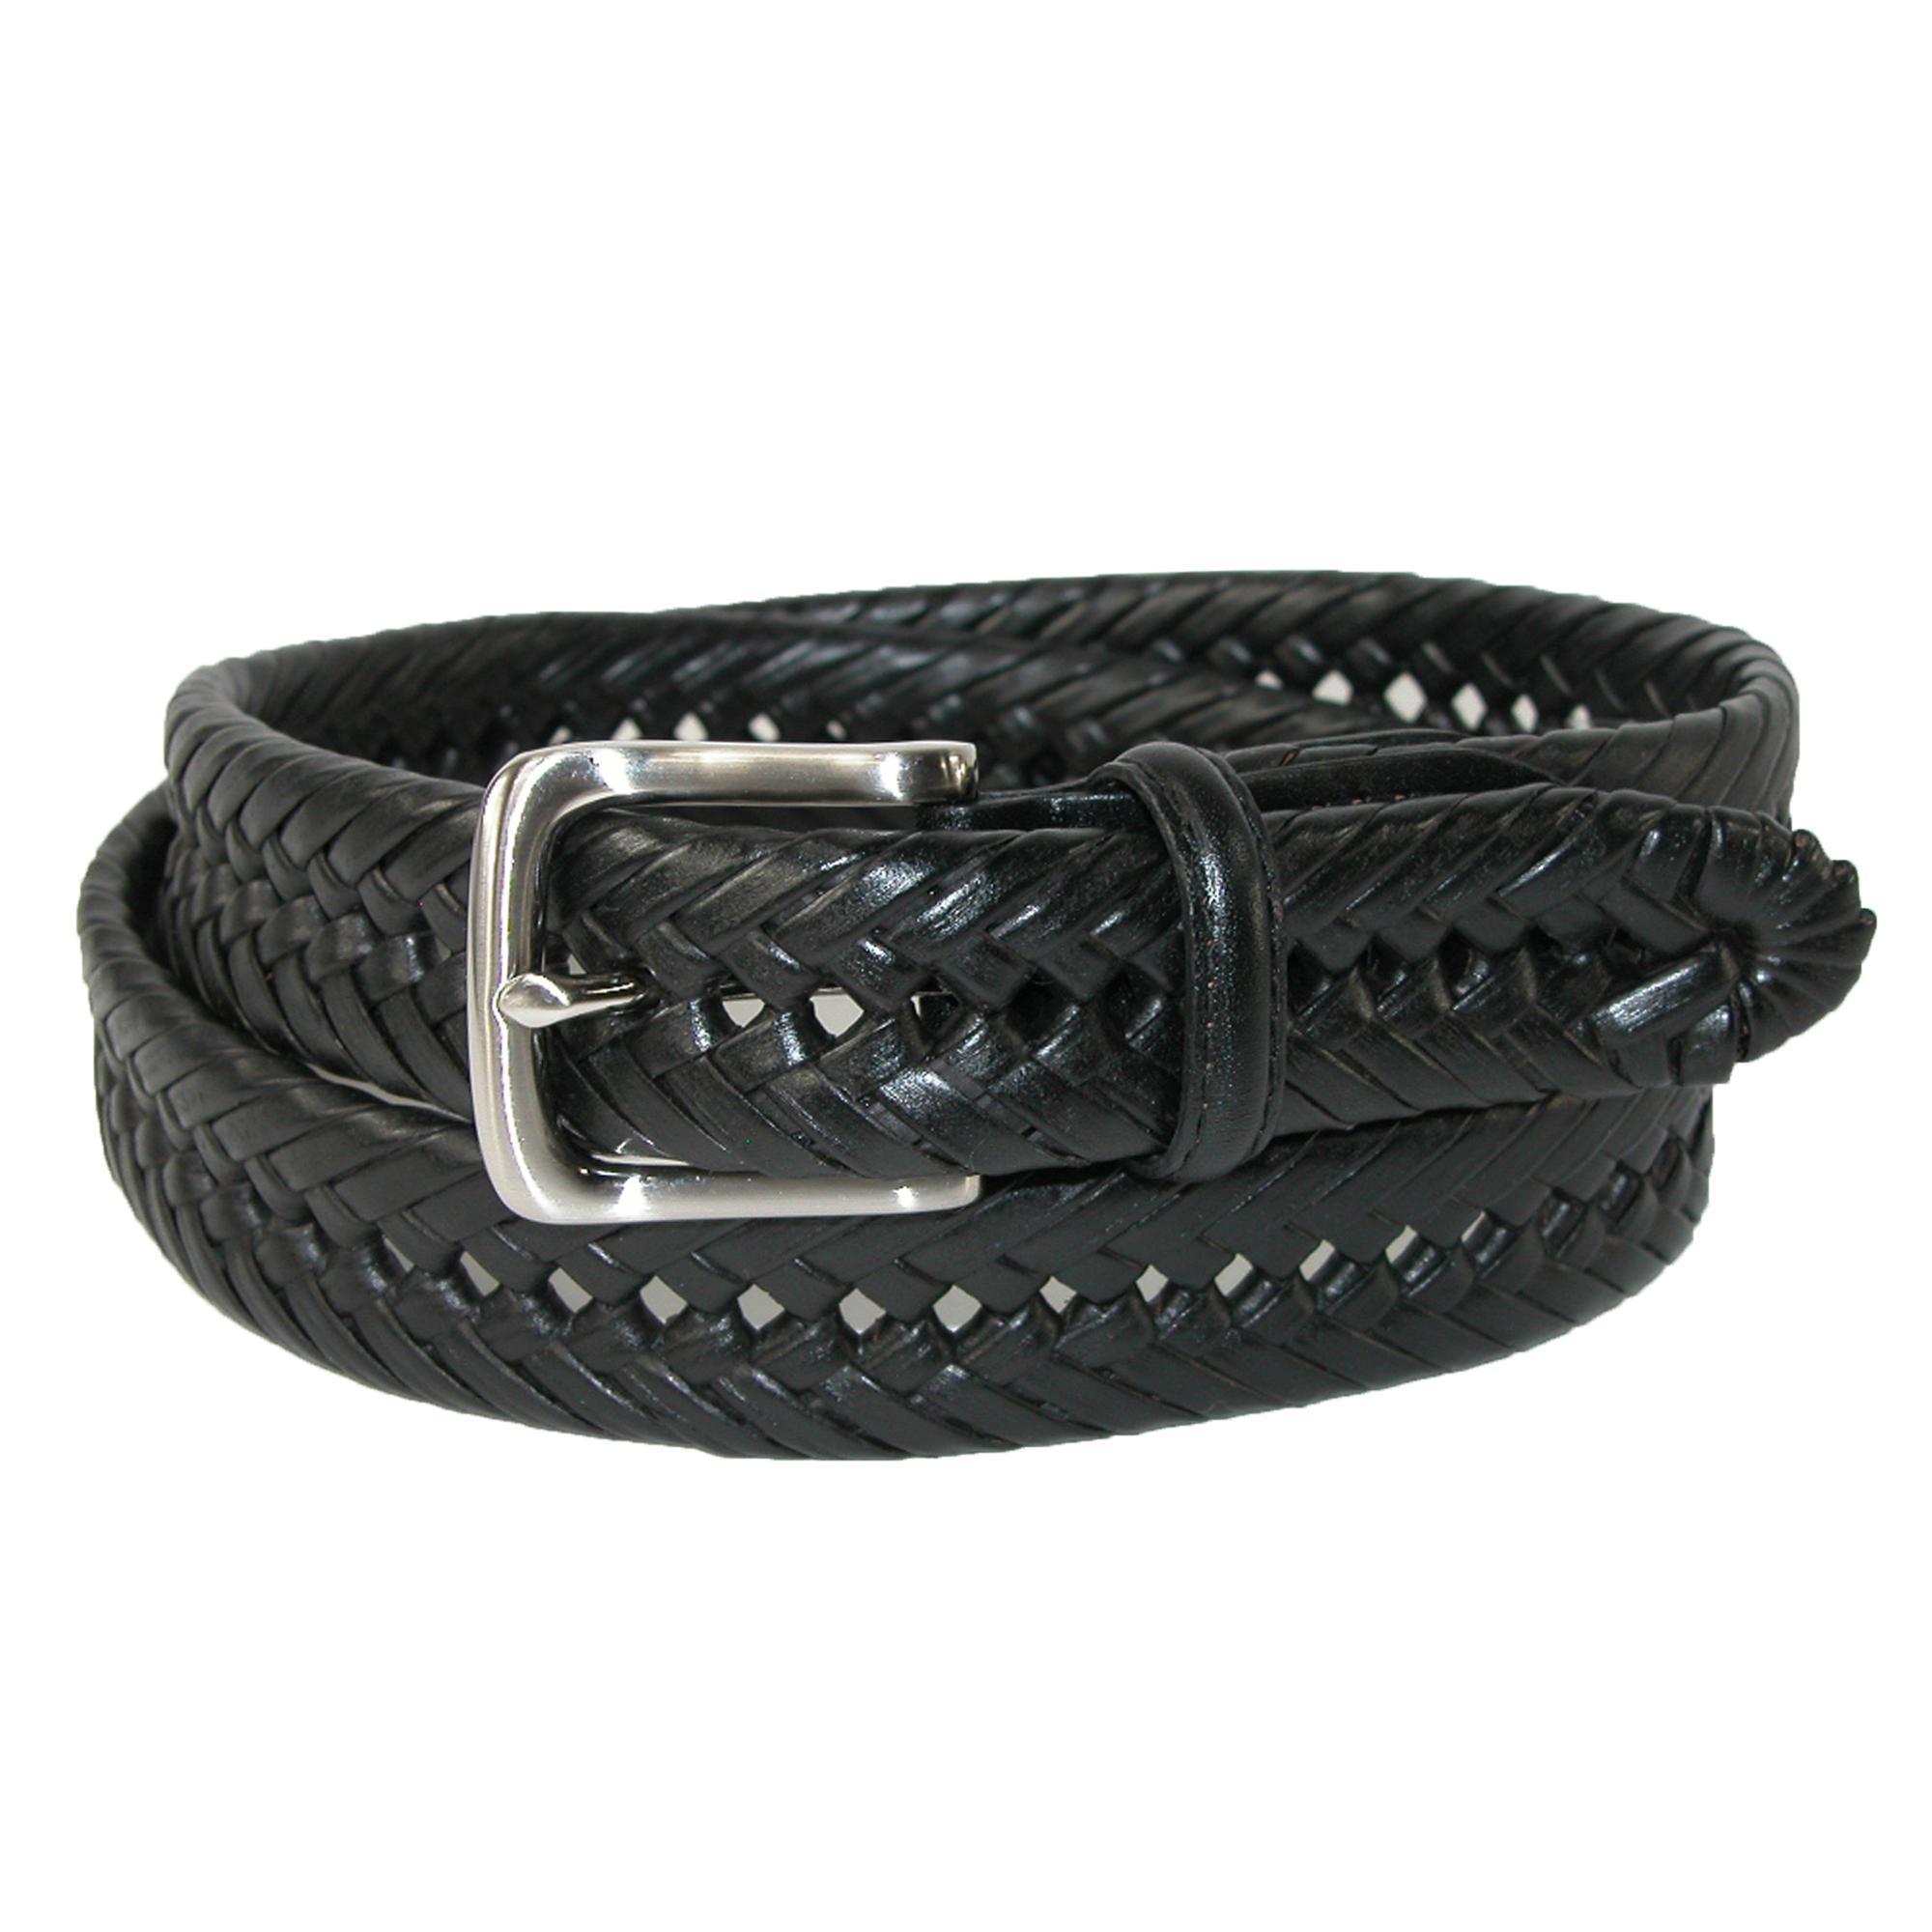 Tommy Hilfiger Men's Burnished Handlaced 1 1/4 Inch Belt